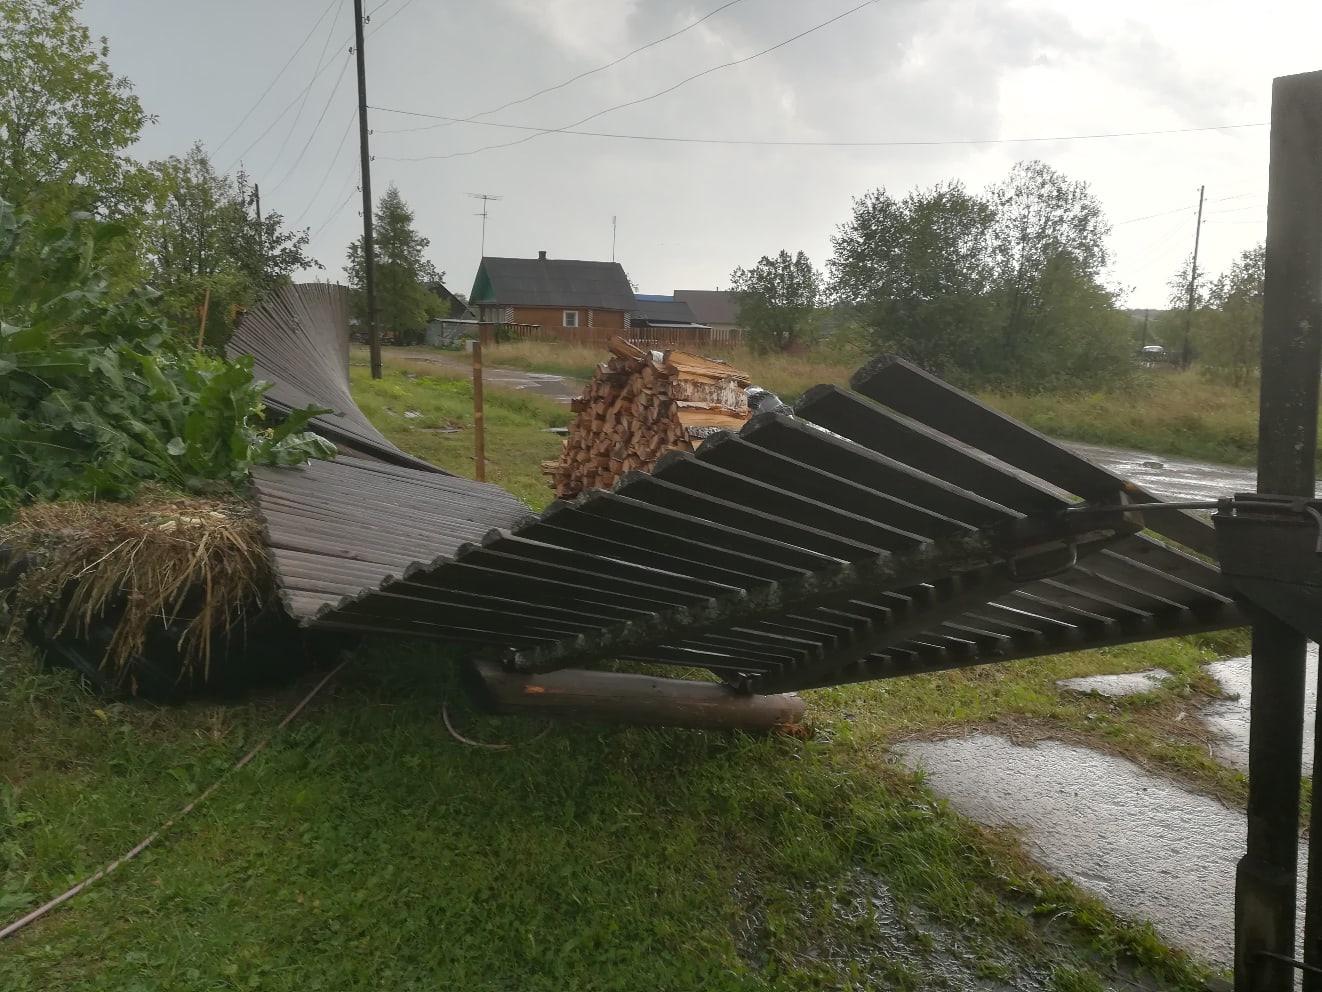 В Мурашинском районе разошлась непогода. Электричество отключено, а теплицы перевернуты